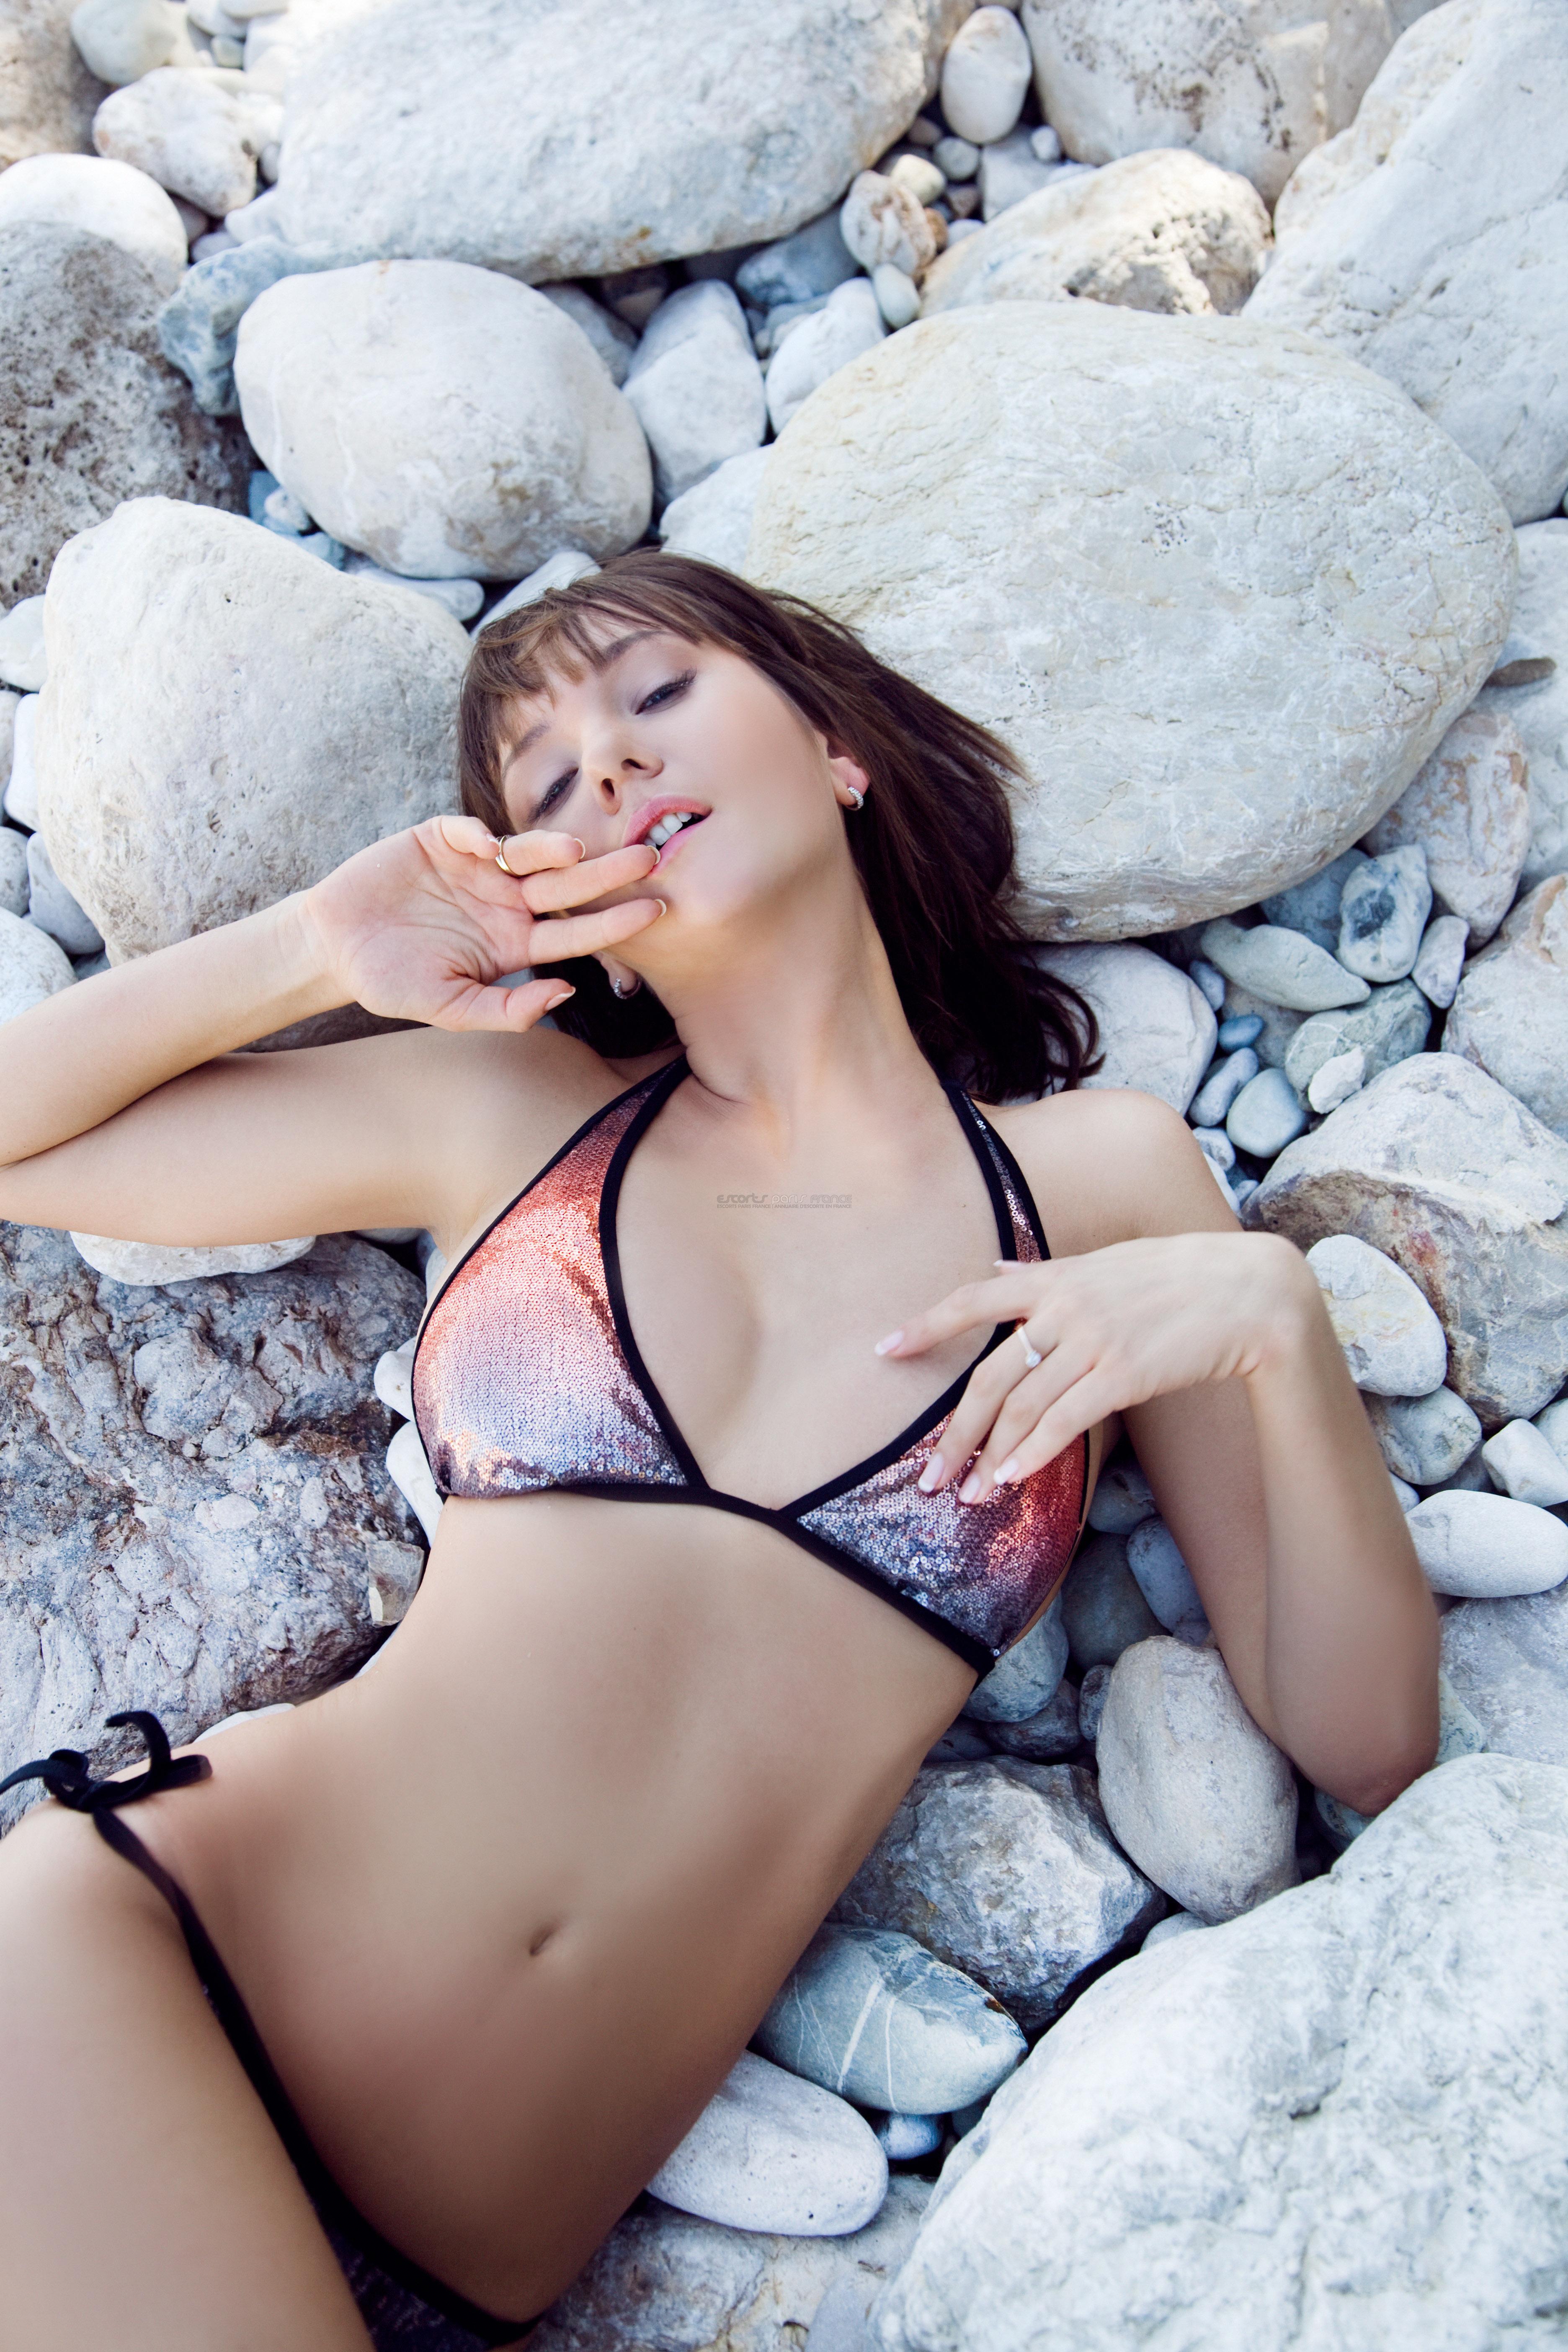 actrice porn escort homme turc très poilu nu